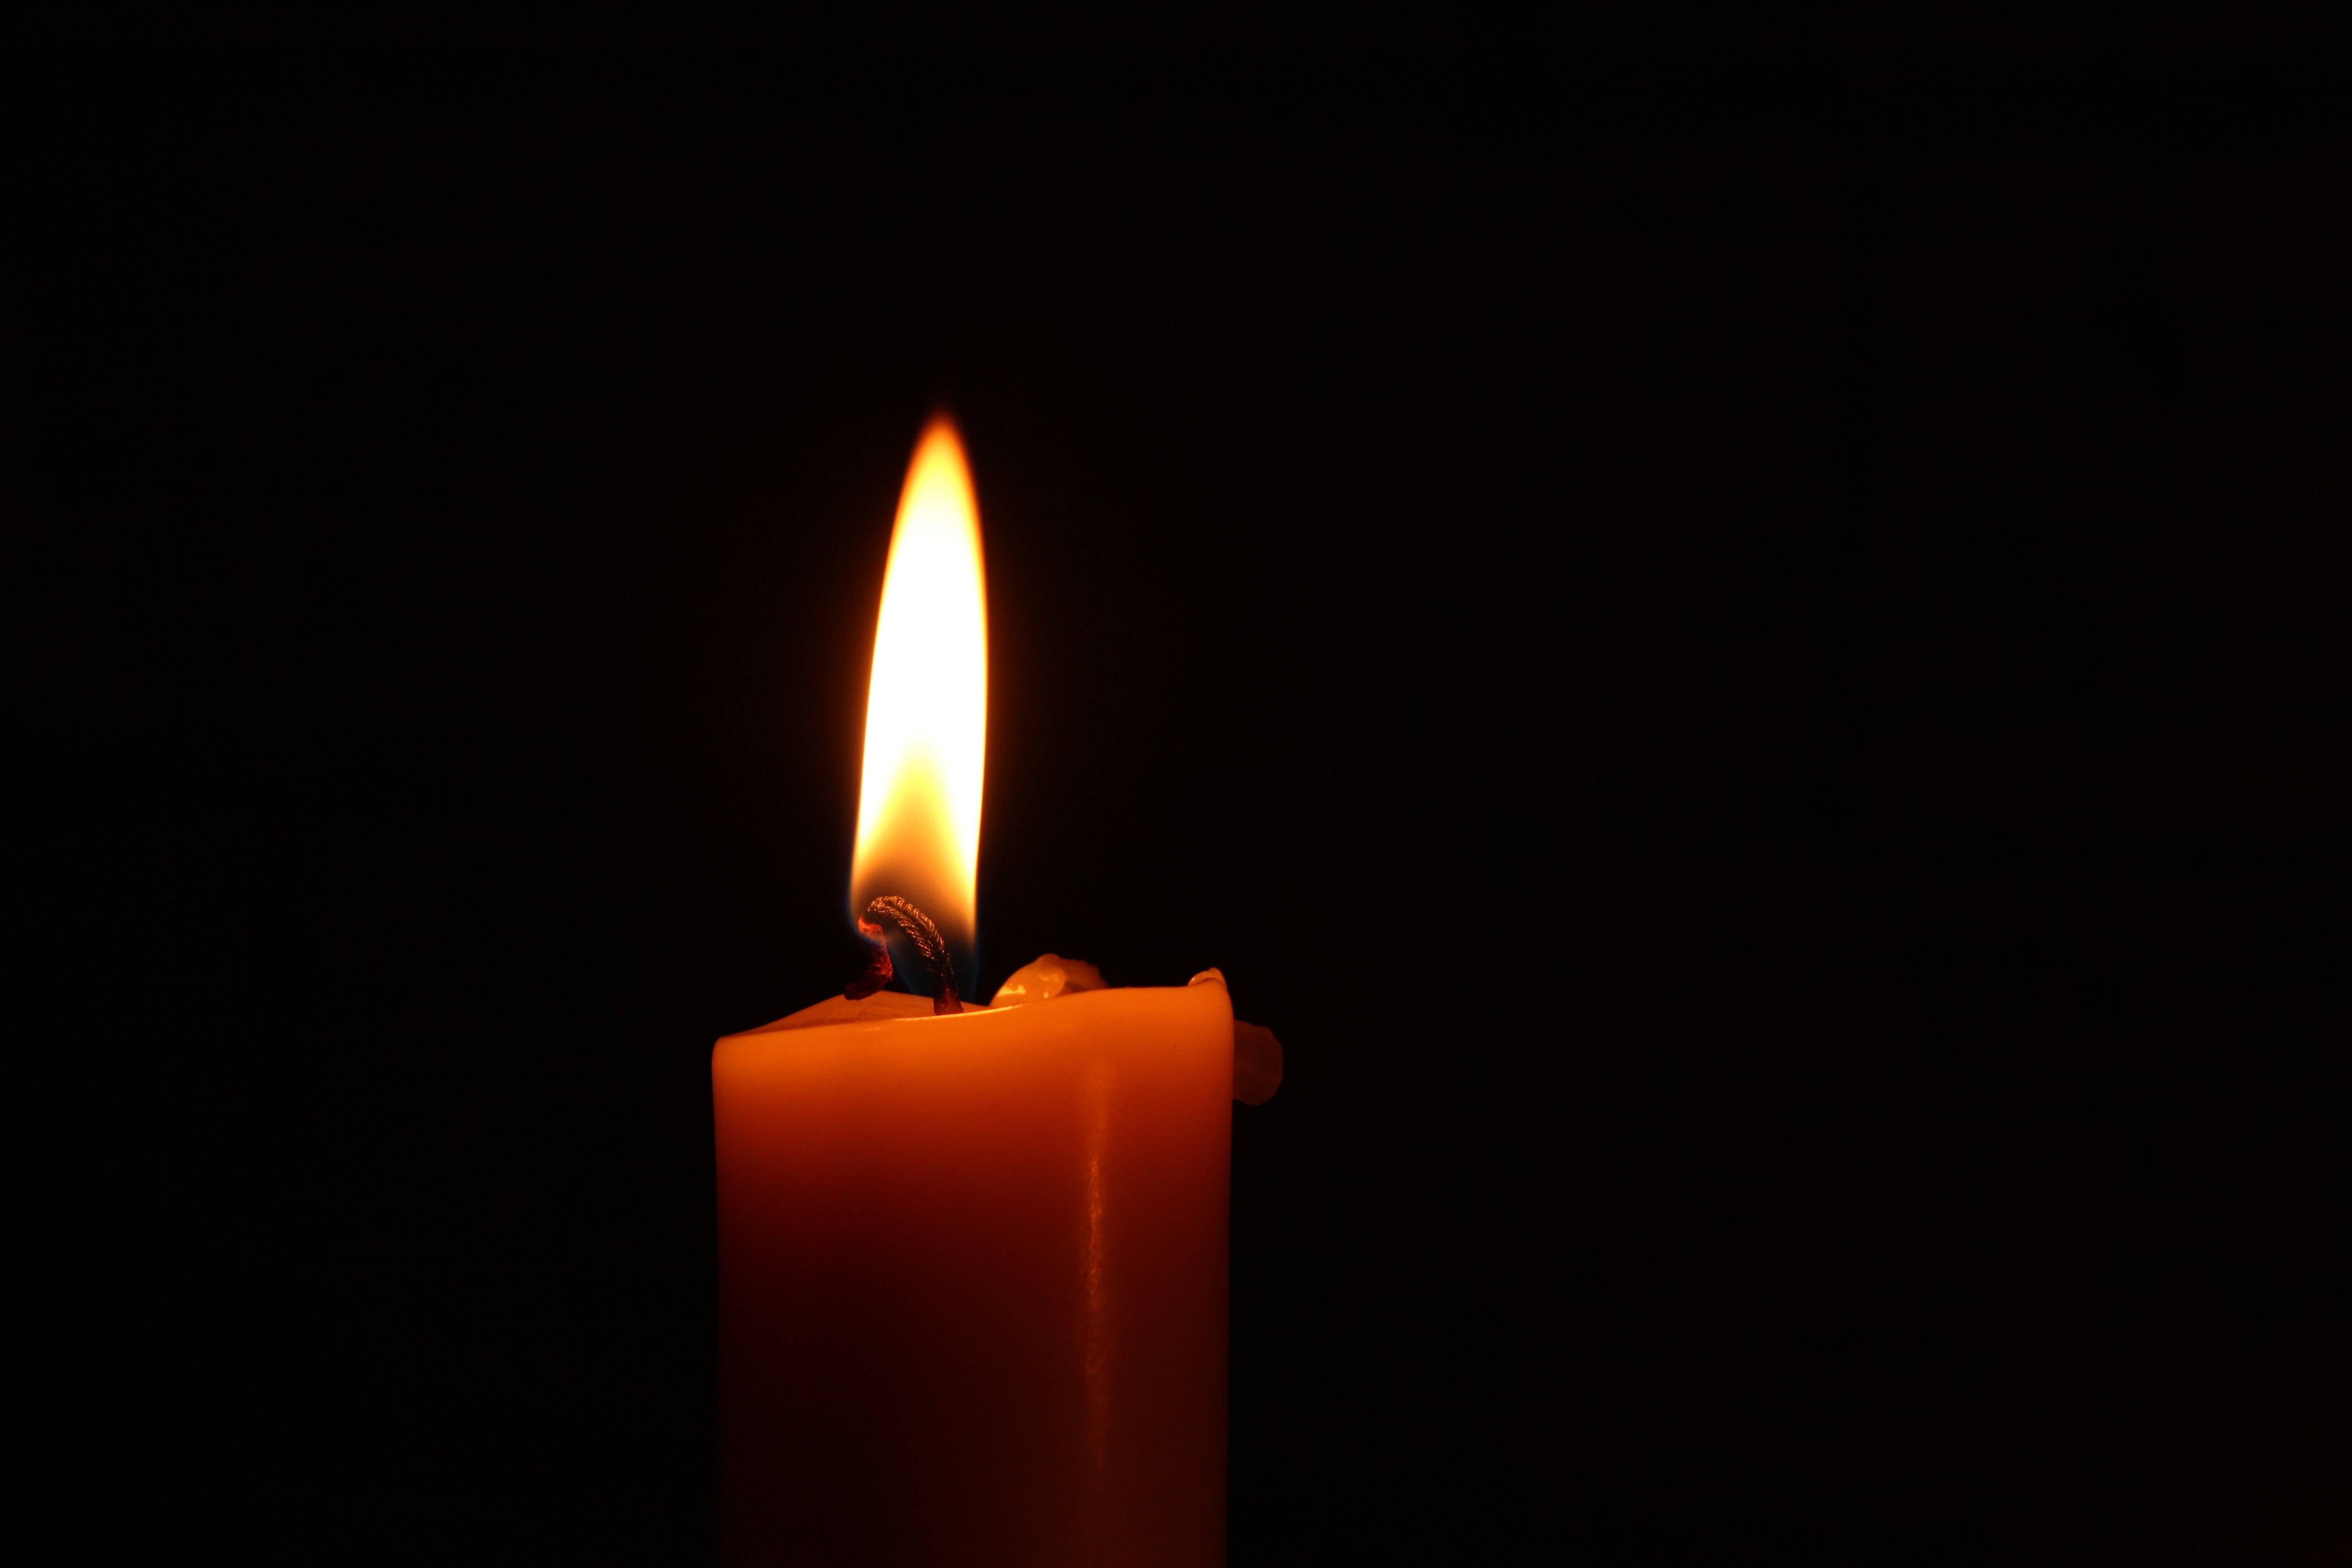 北大、芝大发文:悼念在芝加哥枪击事件中不幸罹难的校友范轶然